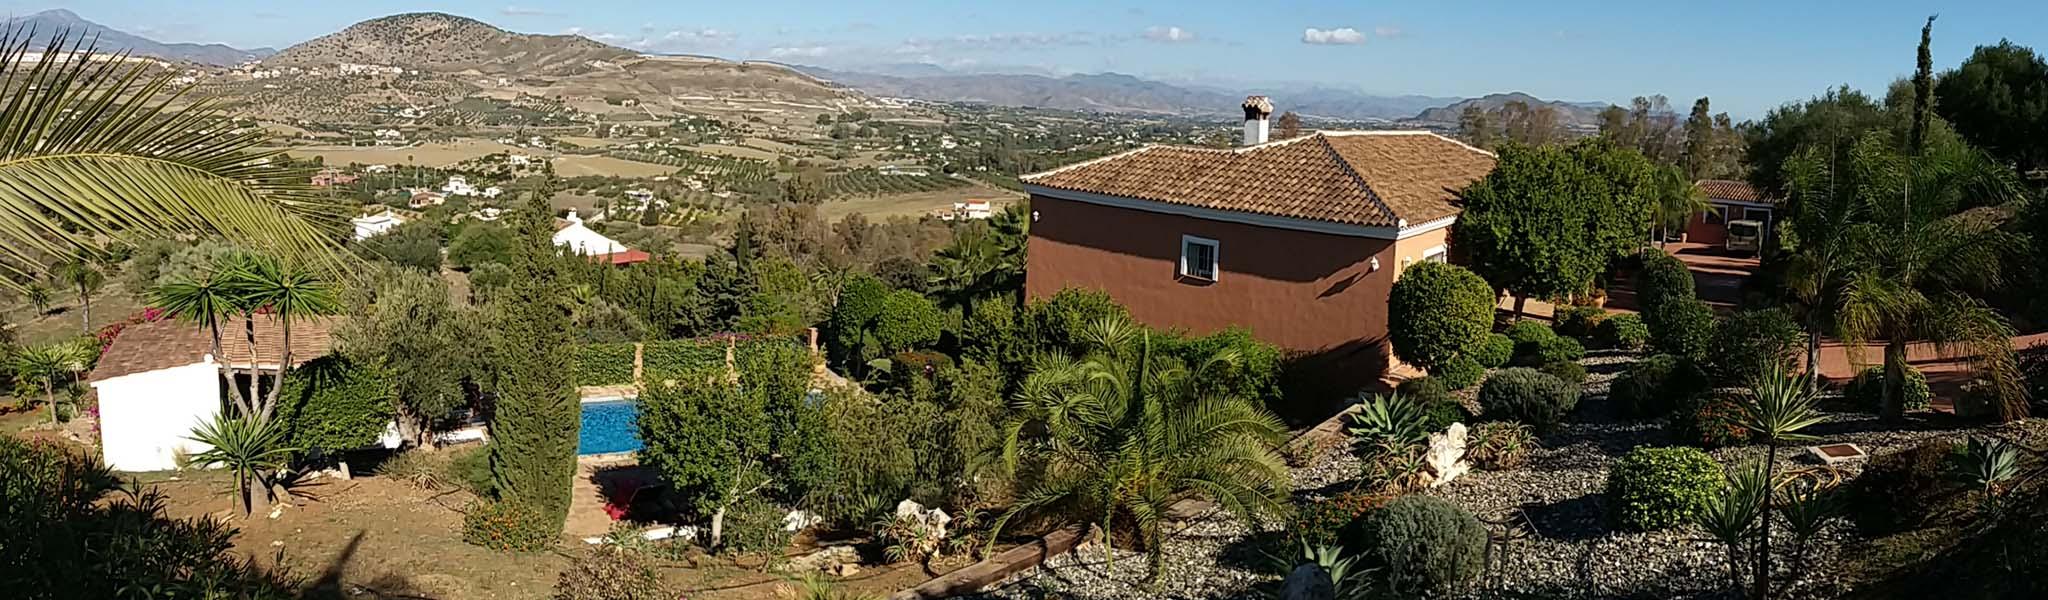 Poda en altura y paisajismo en Málaga